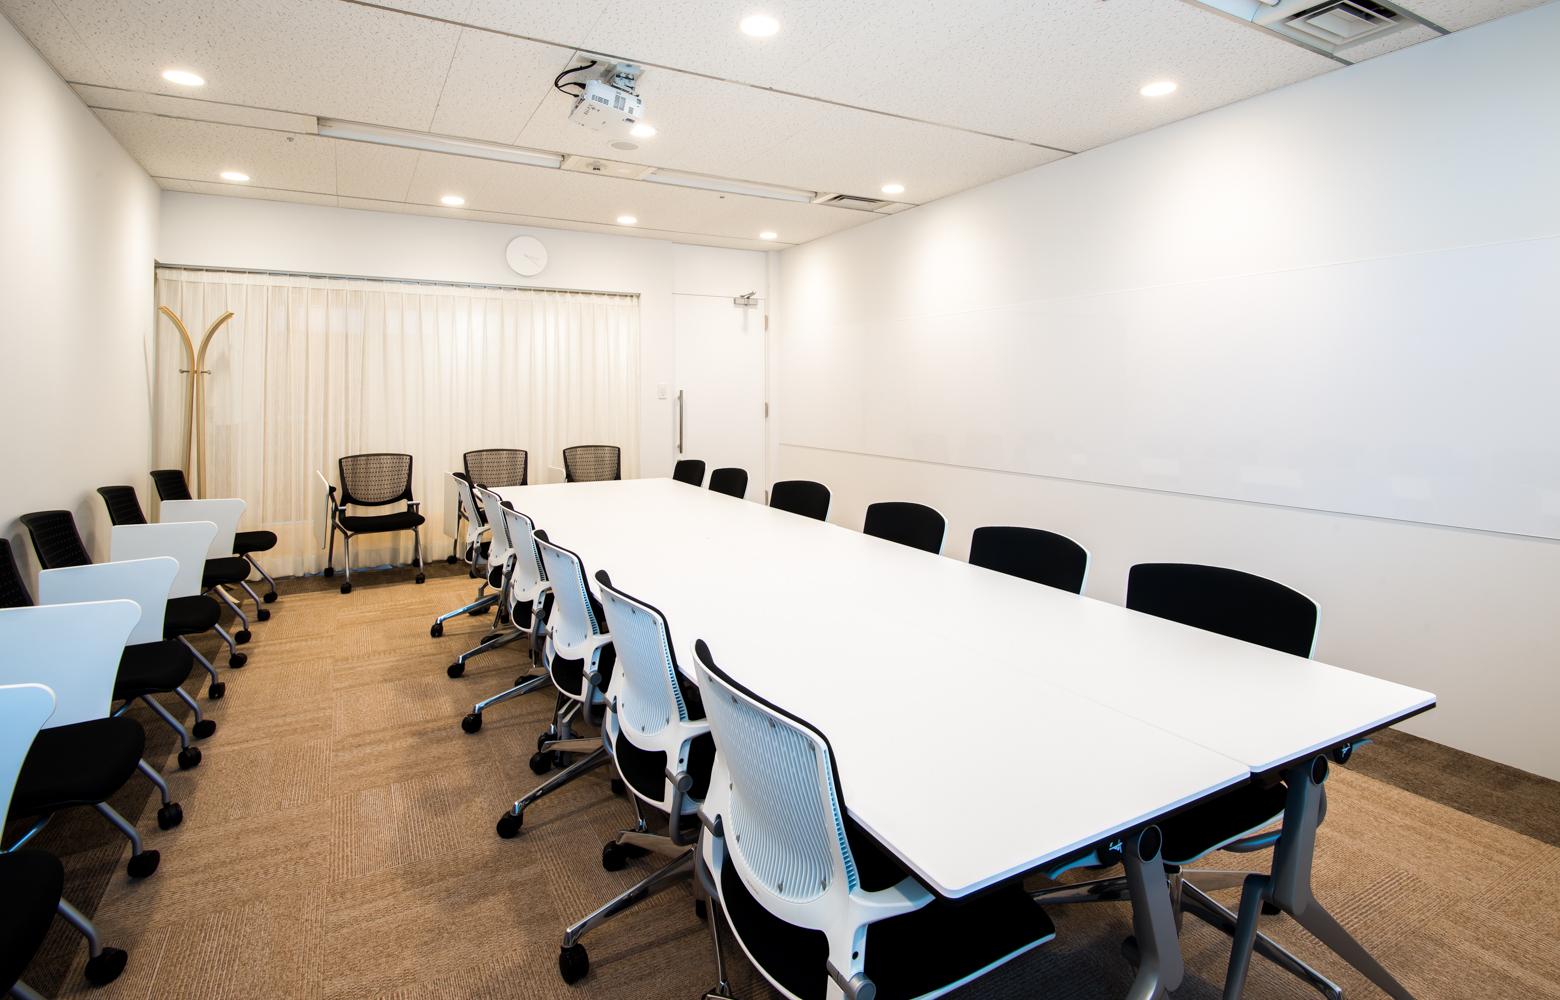 株式会社かいはつマネジメント・コンサルティング Meeting Room_3 デザイン・レイアウト事例